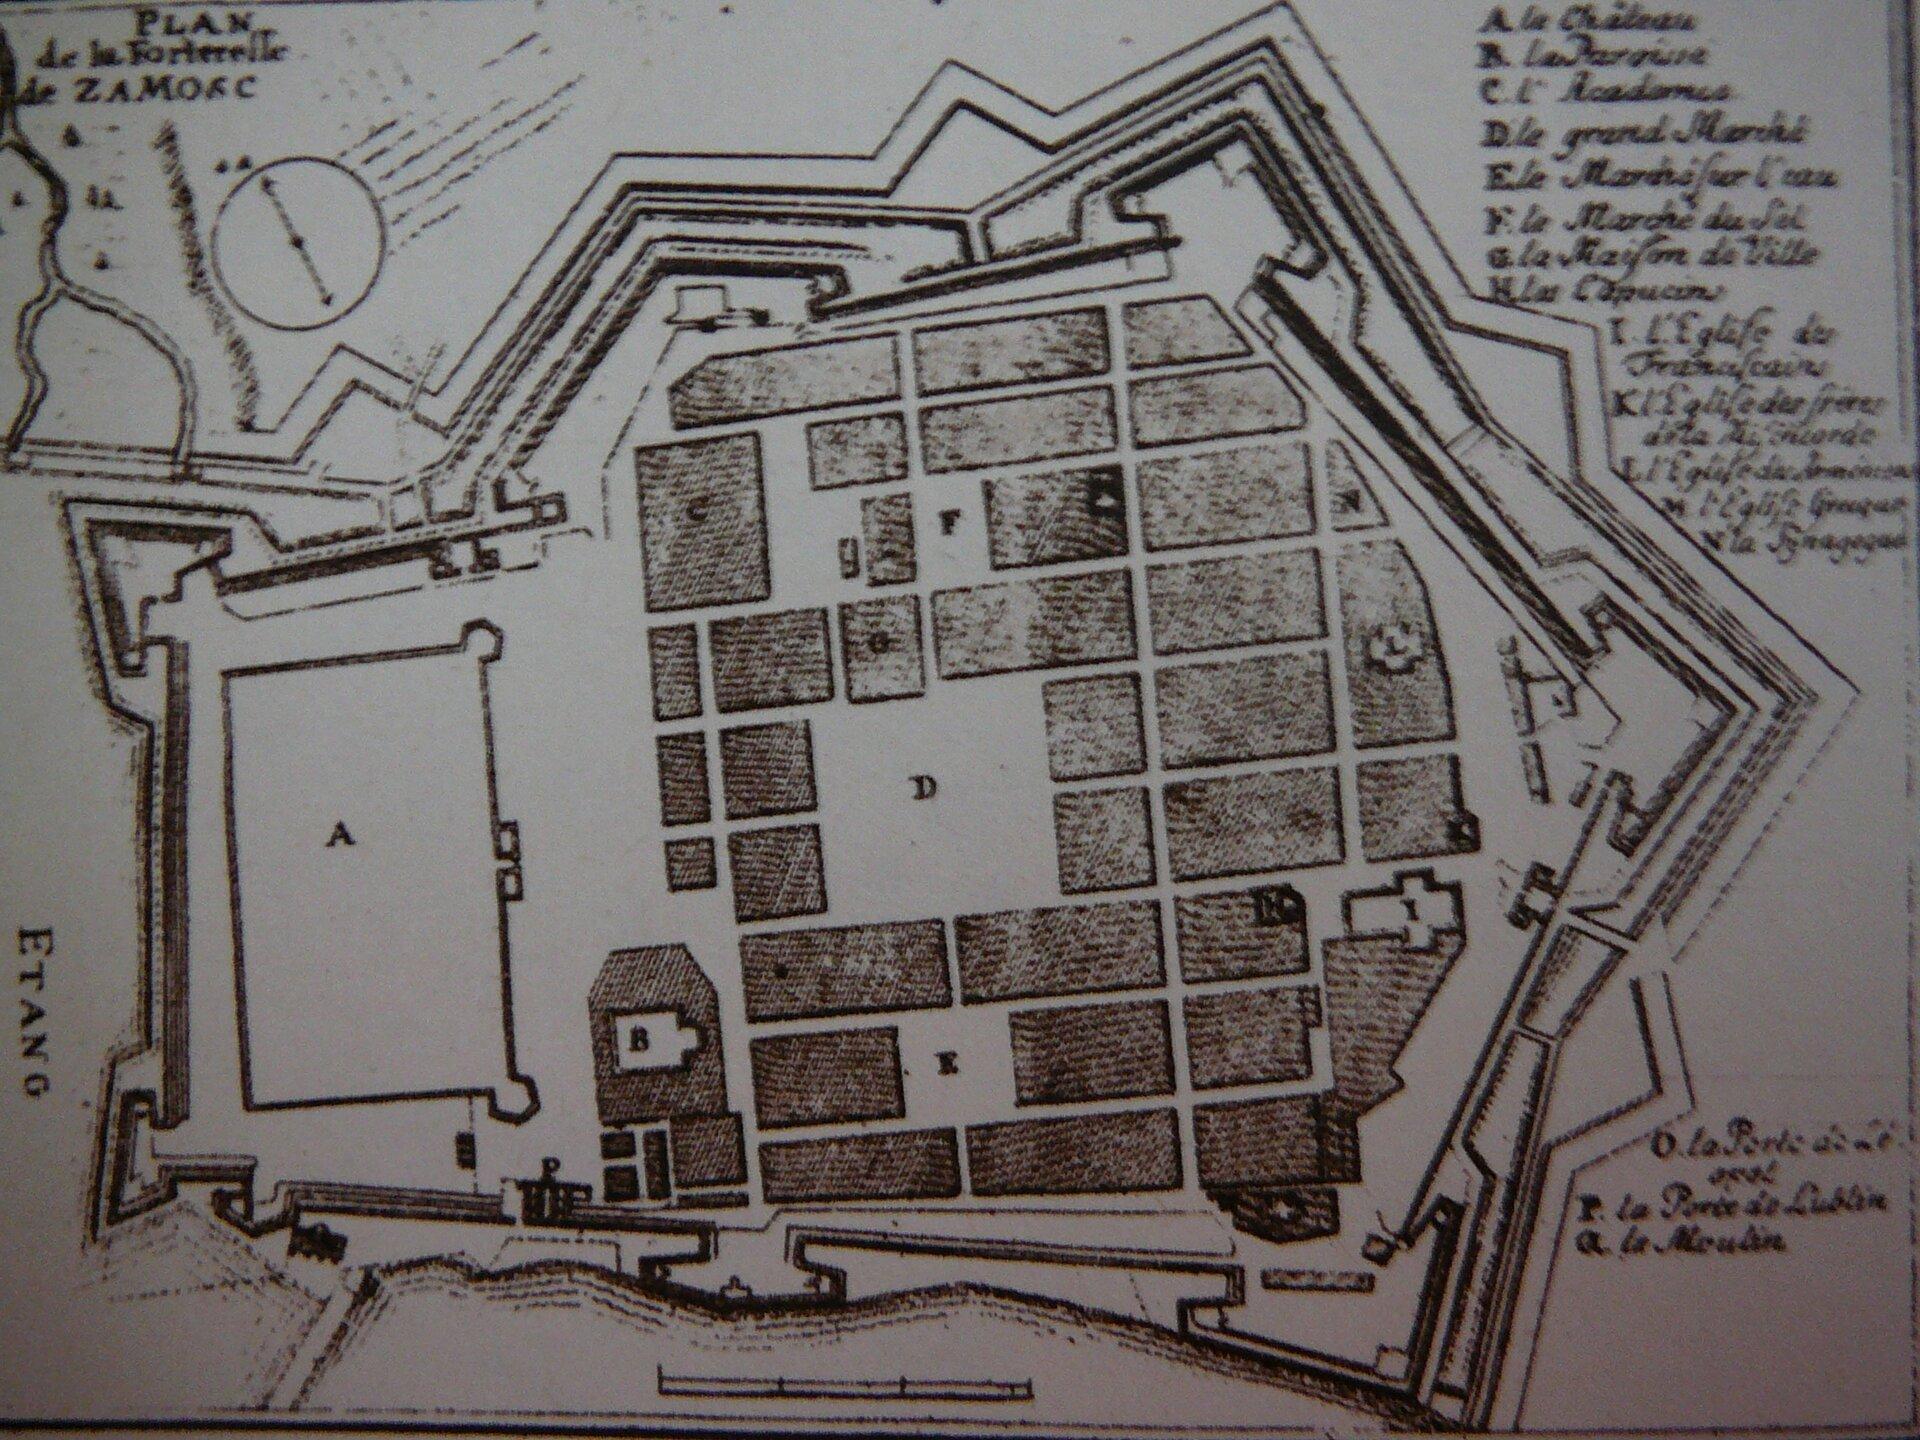 Plan twierdzy zamojskiej wXVII w. Plan twierdzy zamojskiej wXVII w. Źródło: Stanisław Jabłonowski, domena publiczna.